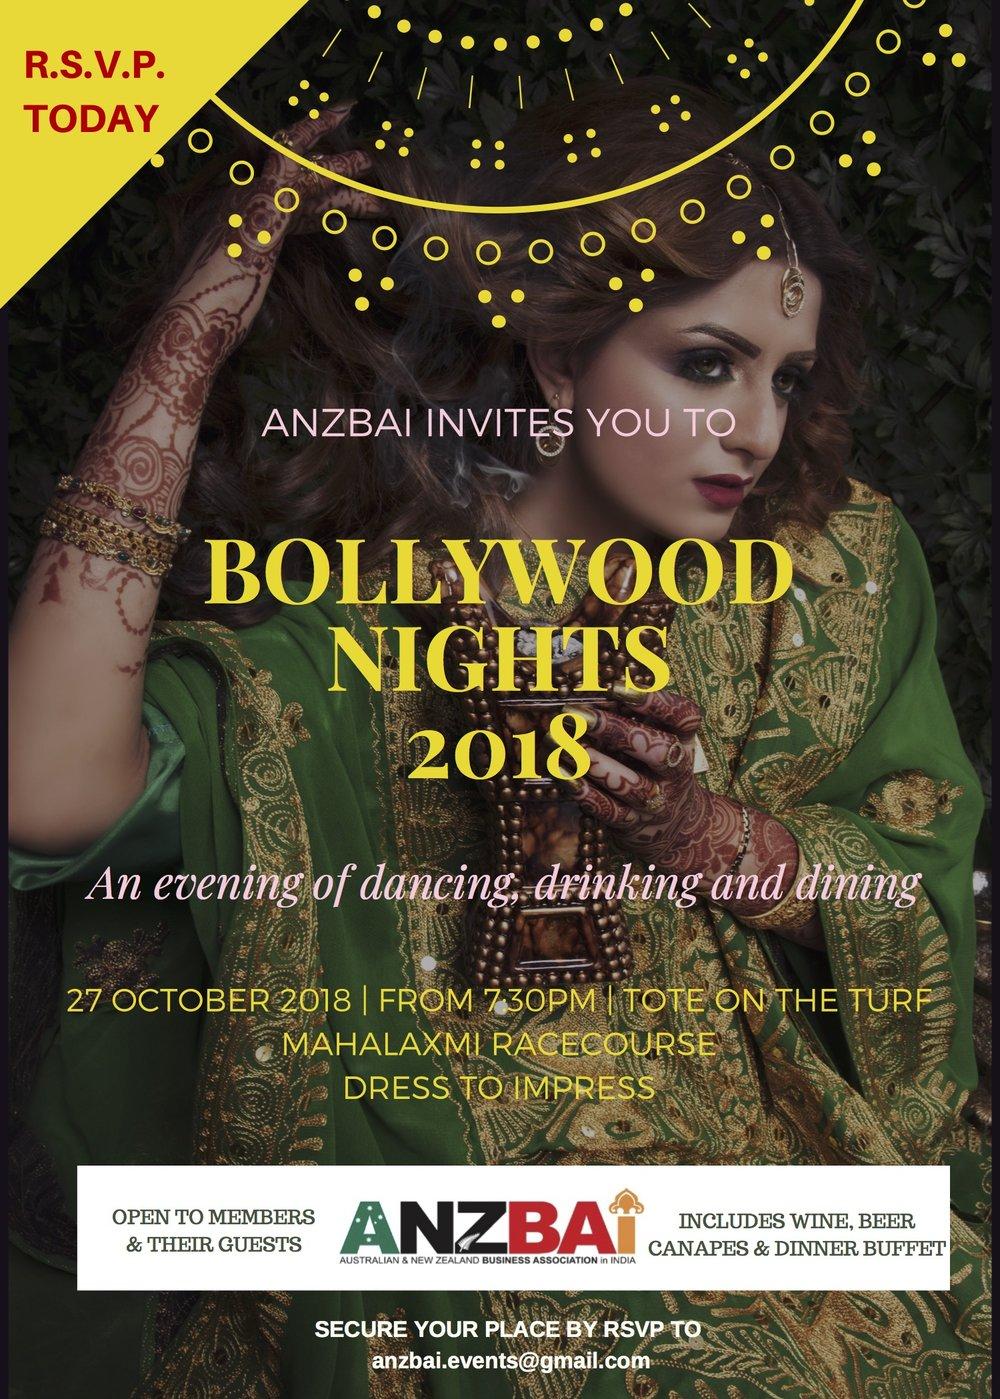 ANZBAI Bollywood.jpg